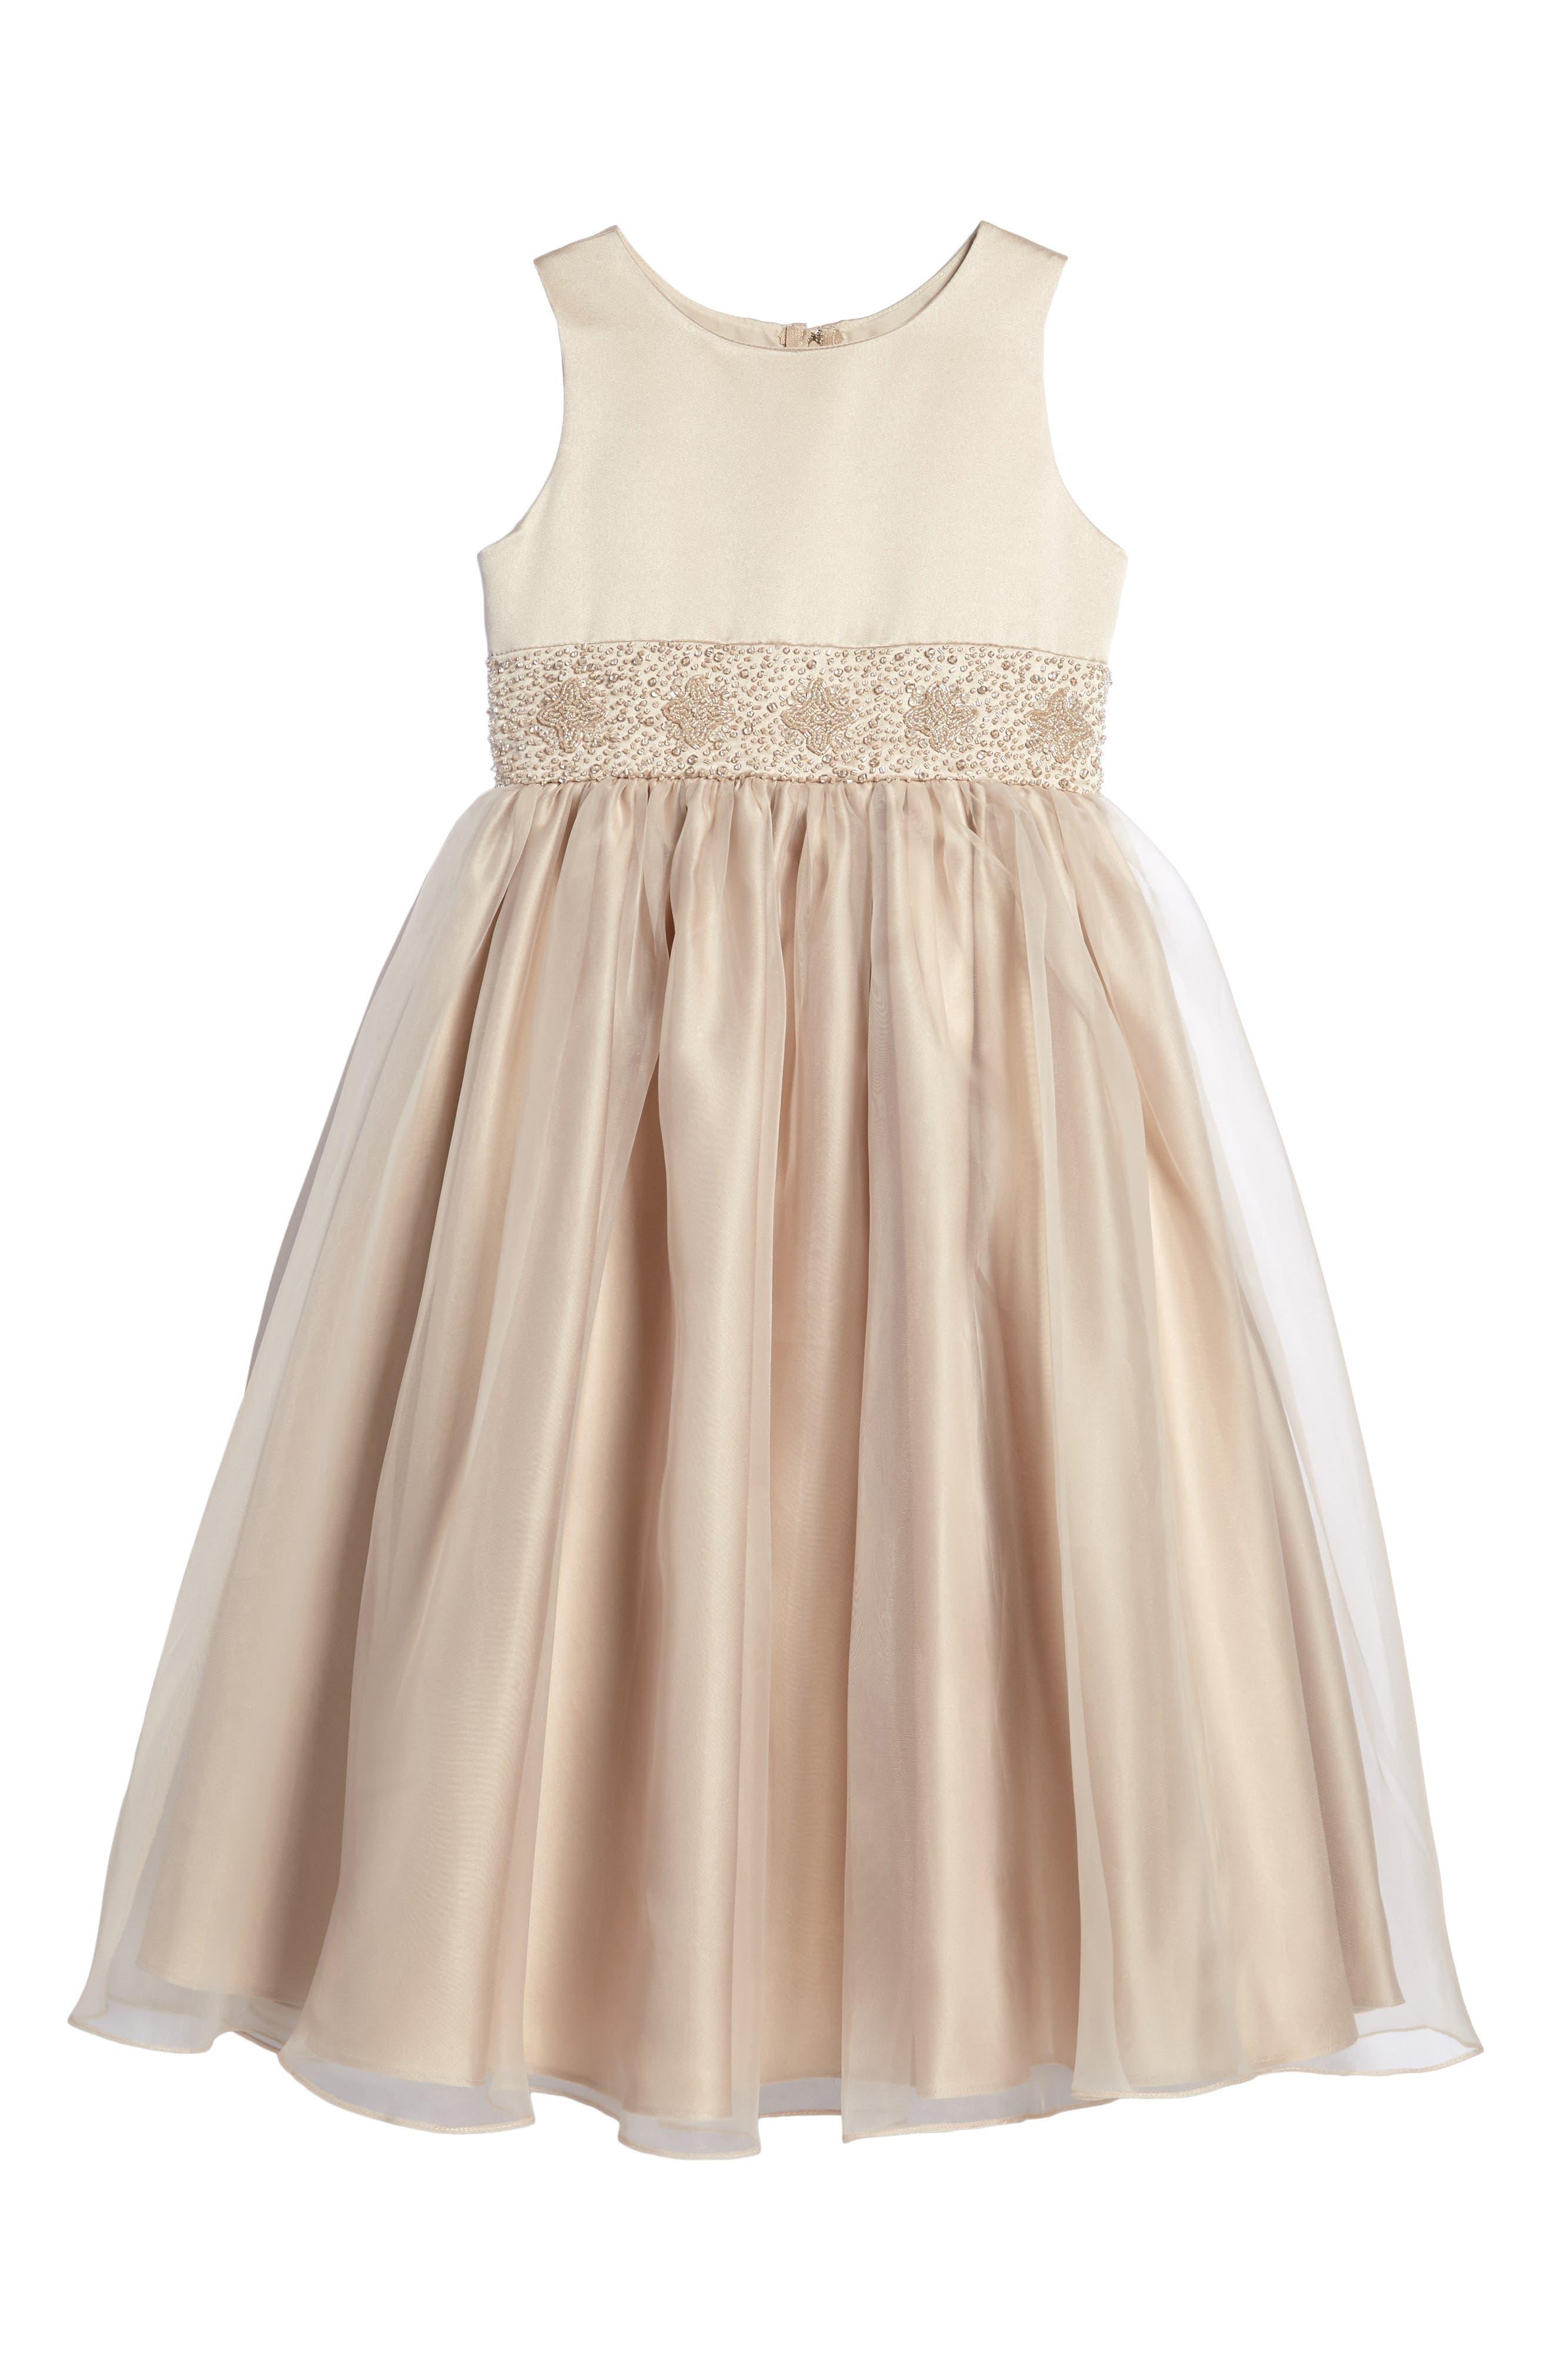 Beaded Satin Sleeveless Dress,                             Alternate thumbnail 2, color,                             CHAMPAGNE